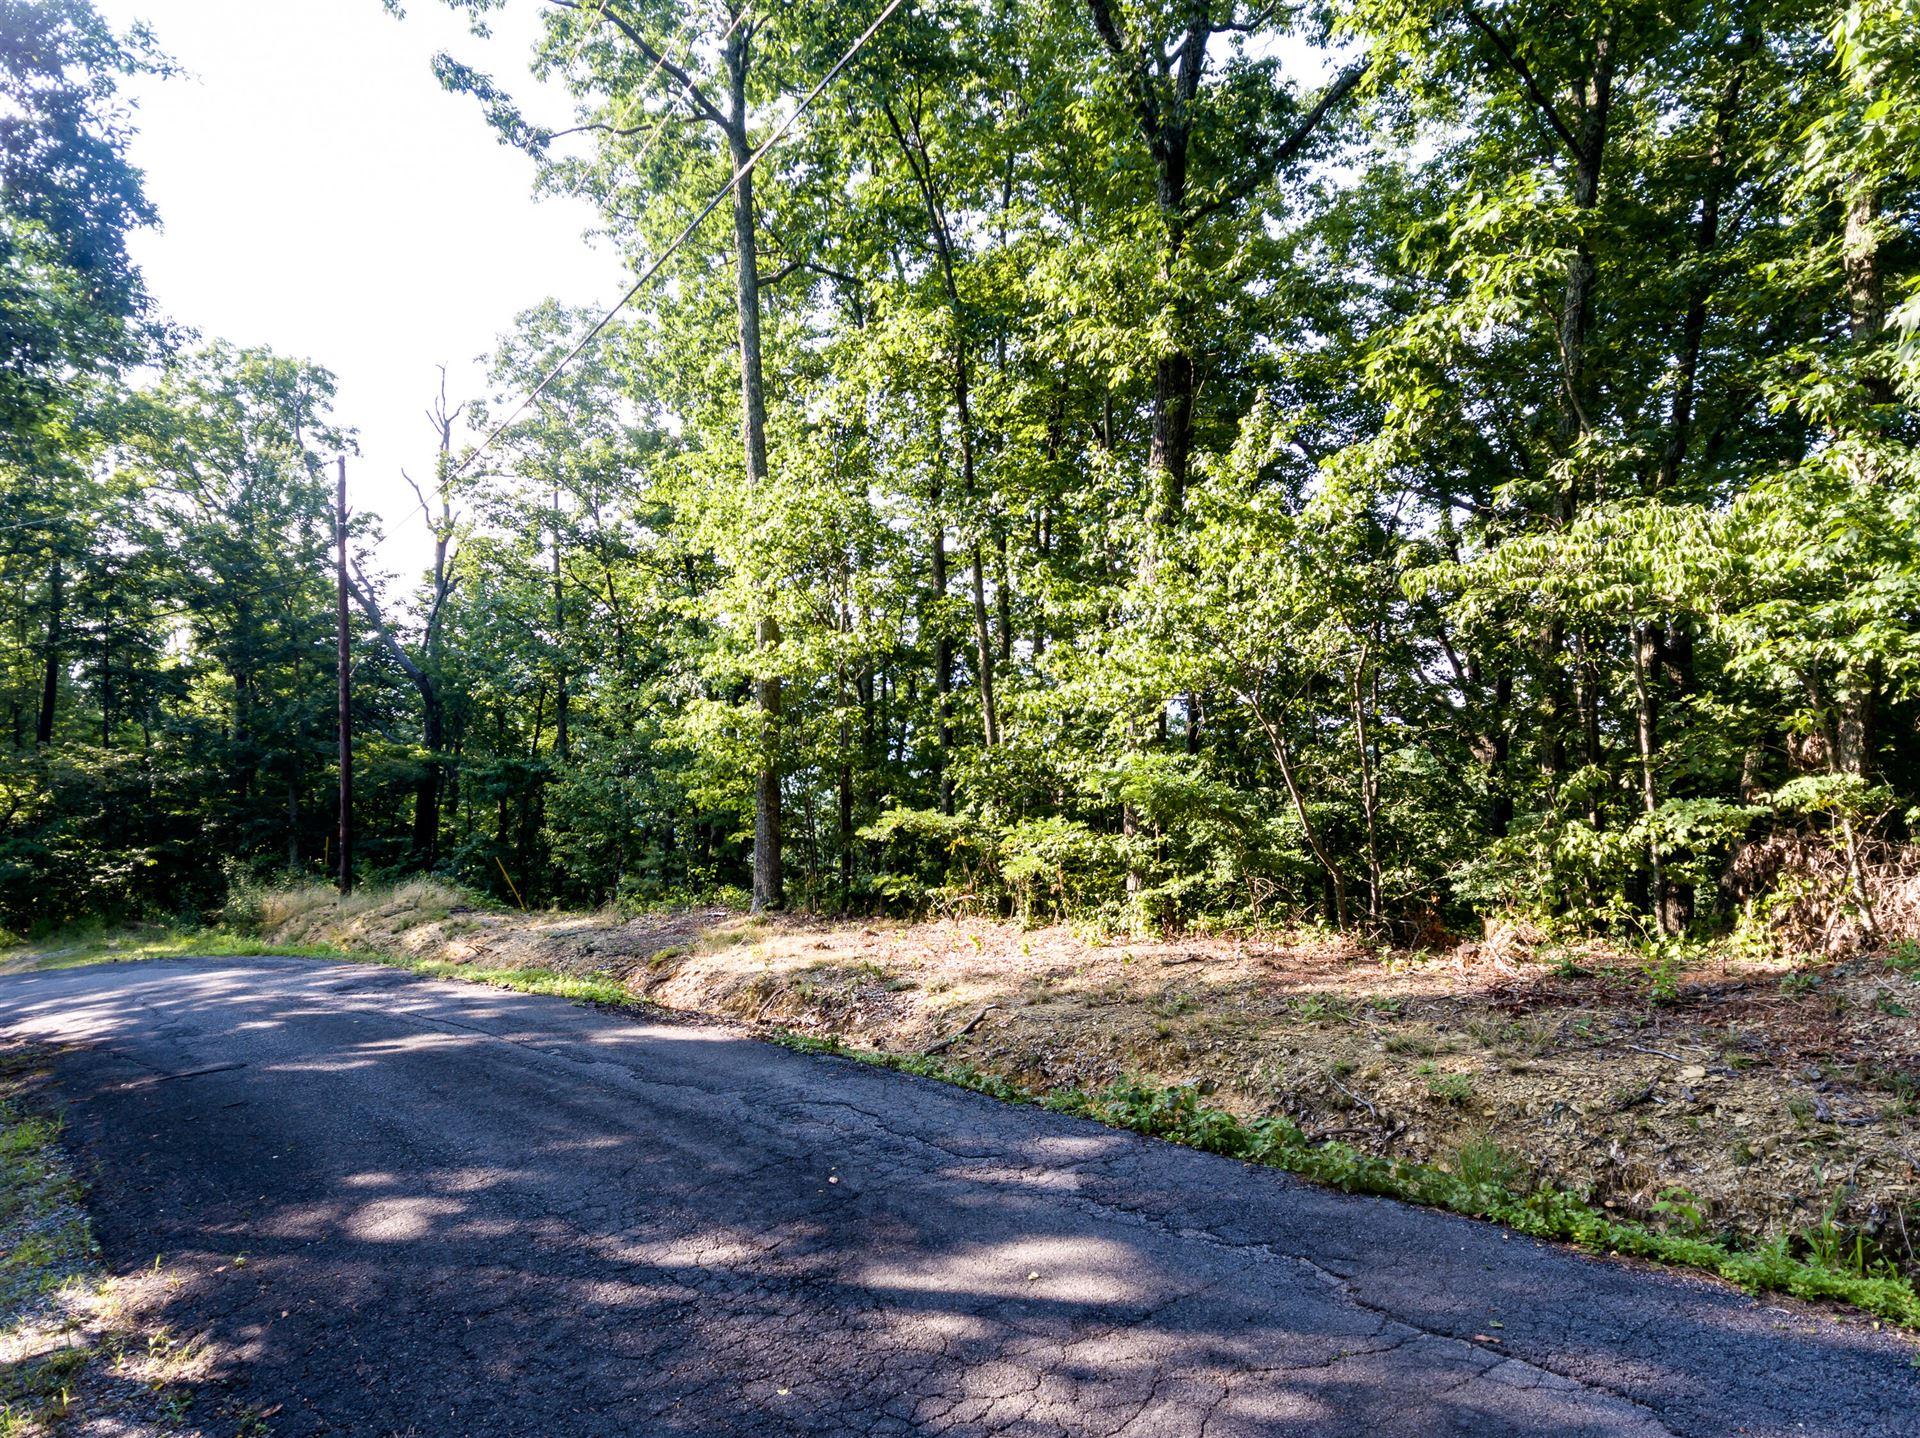 Photo of Lot 10 Headrick Lead, Sevierville, TN 37862 (MLS # 1161863)